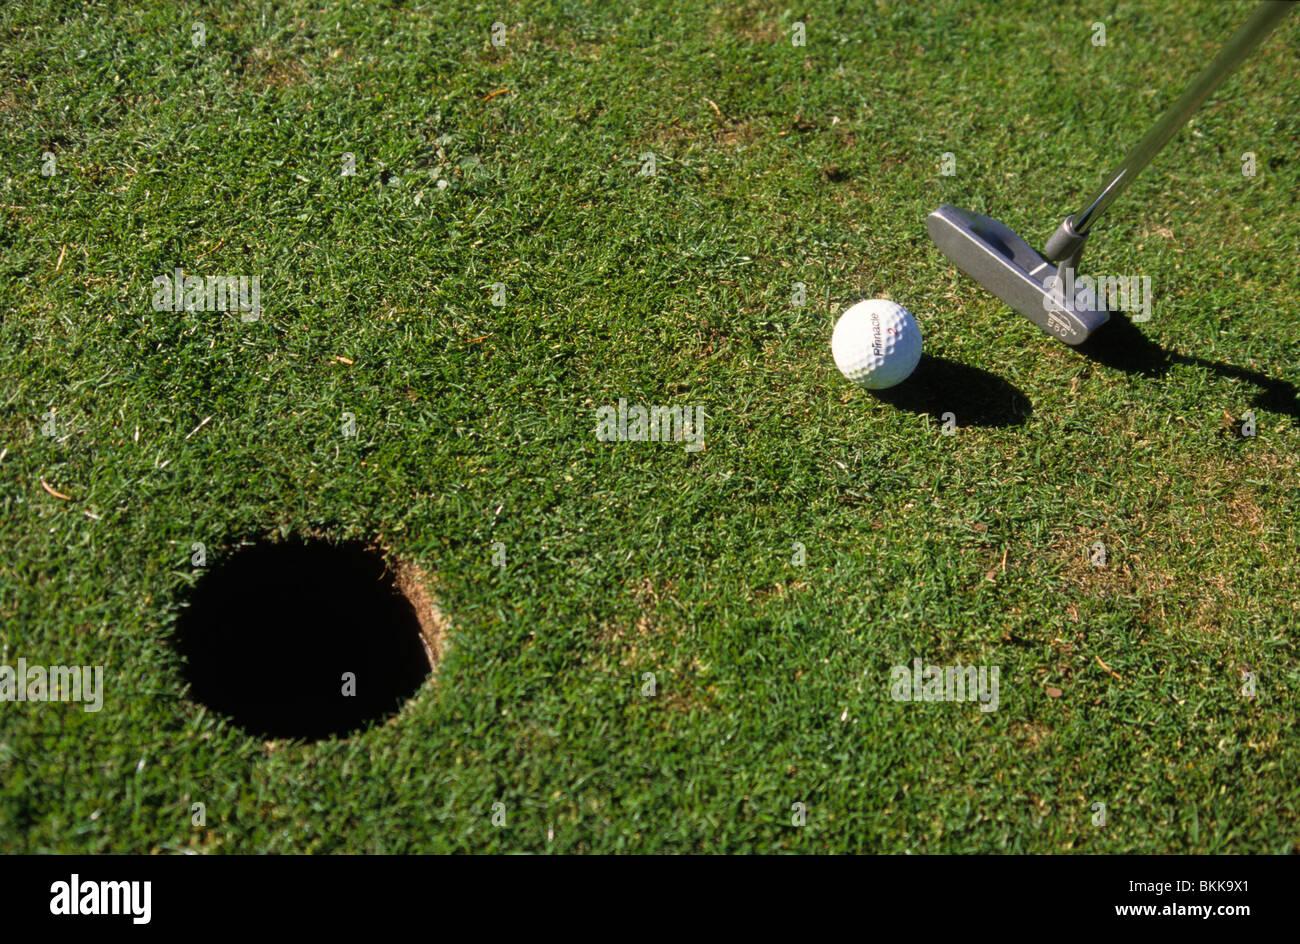 Persona che gioca a golf e mettendo una palla vicino fino in elevazione Immagini Stock